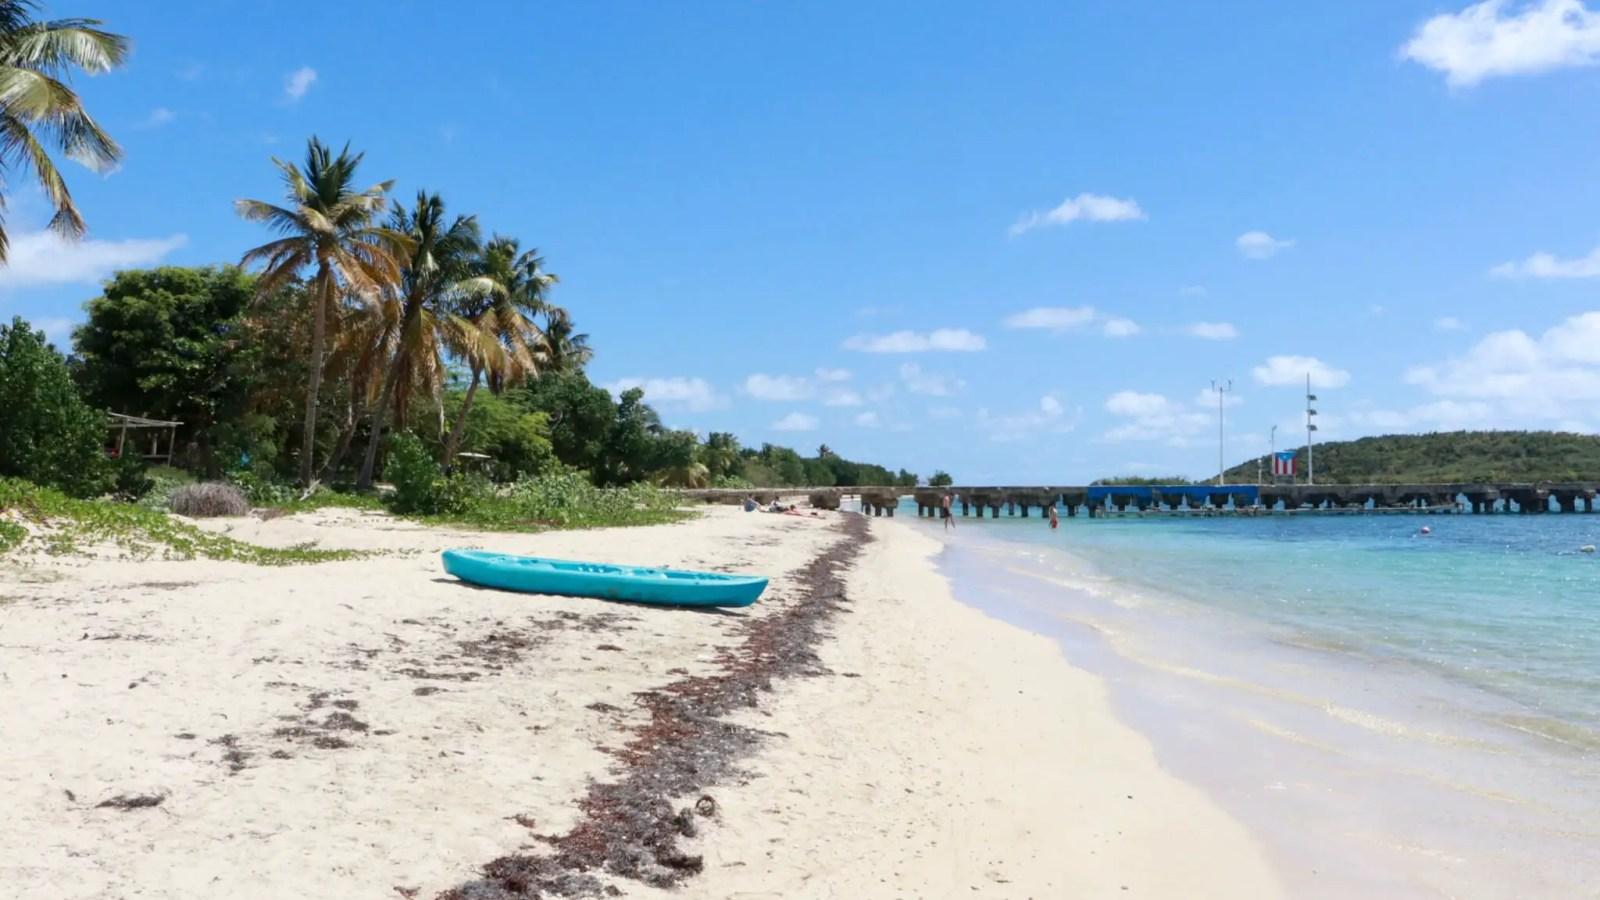 Blue kayak on Esperanza Beach, Vieques, with pier in background